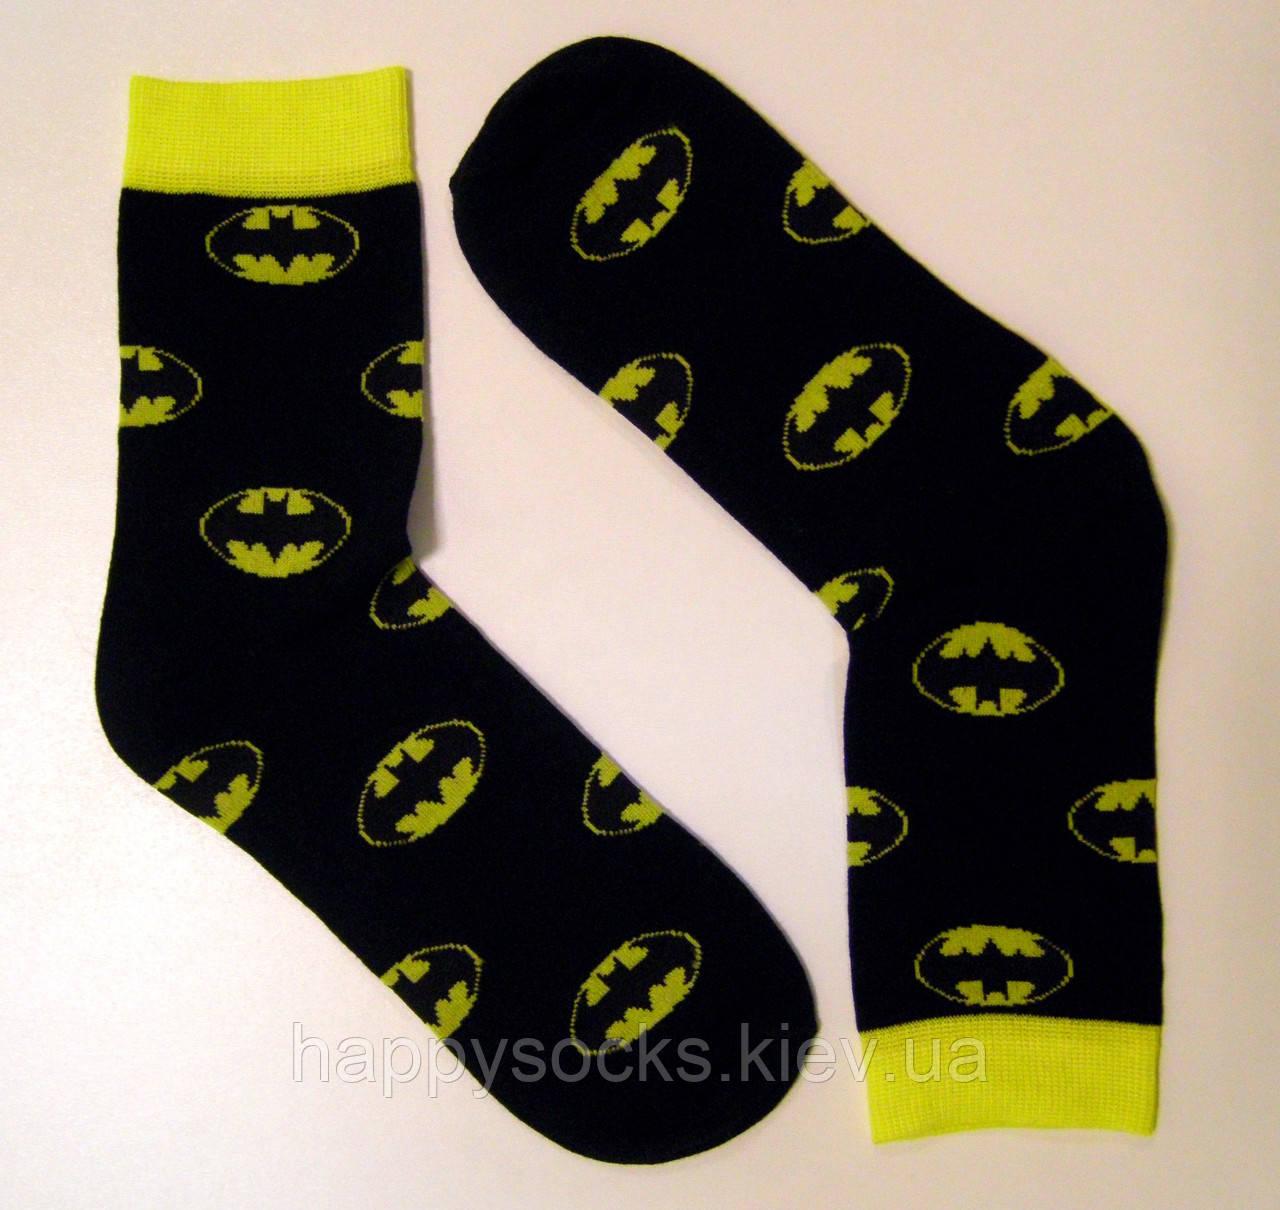 Цветные высокие мужские носки бэтмен черного цвета